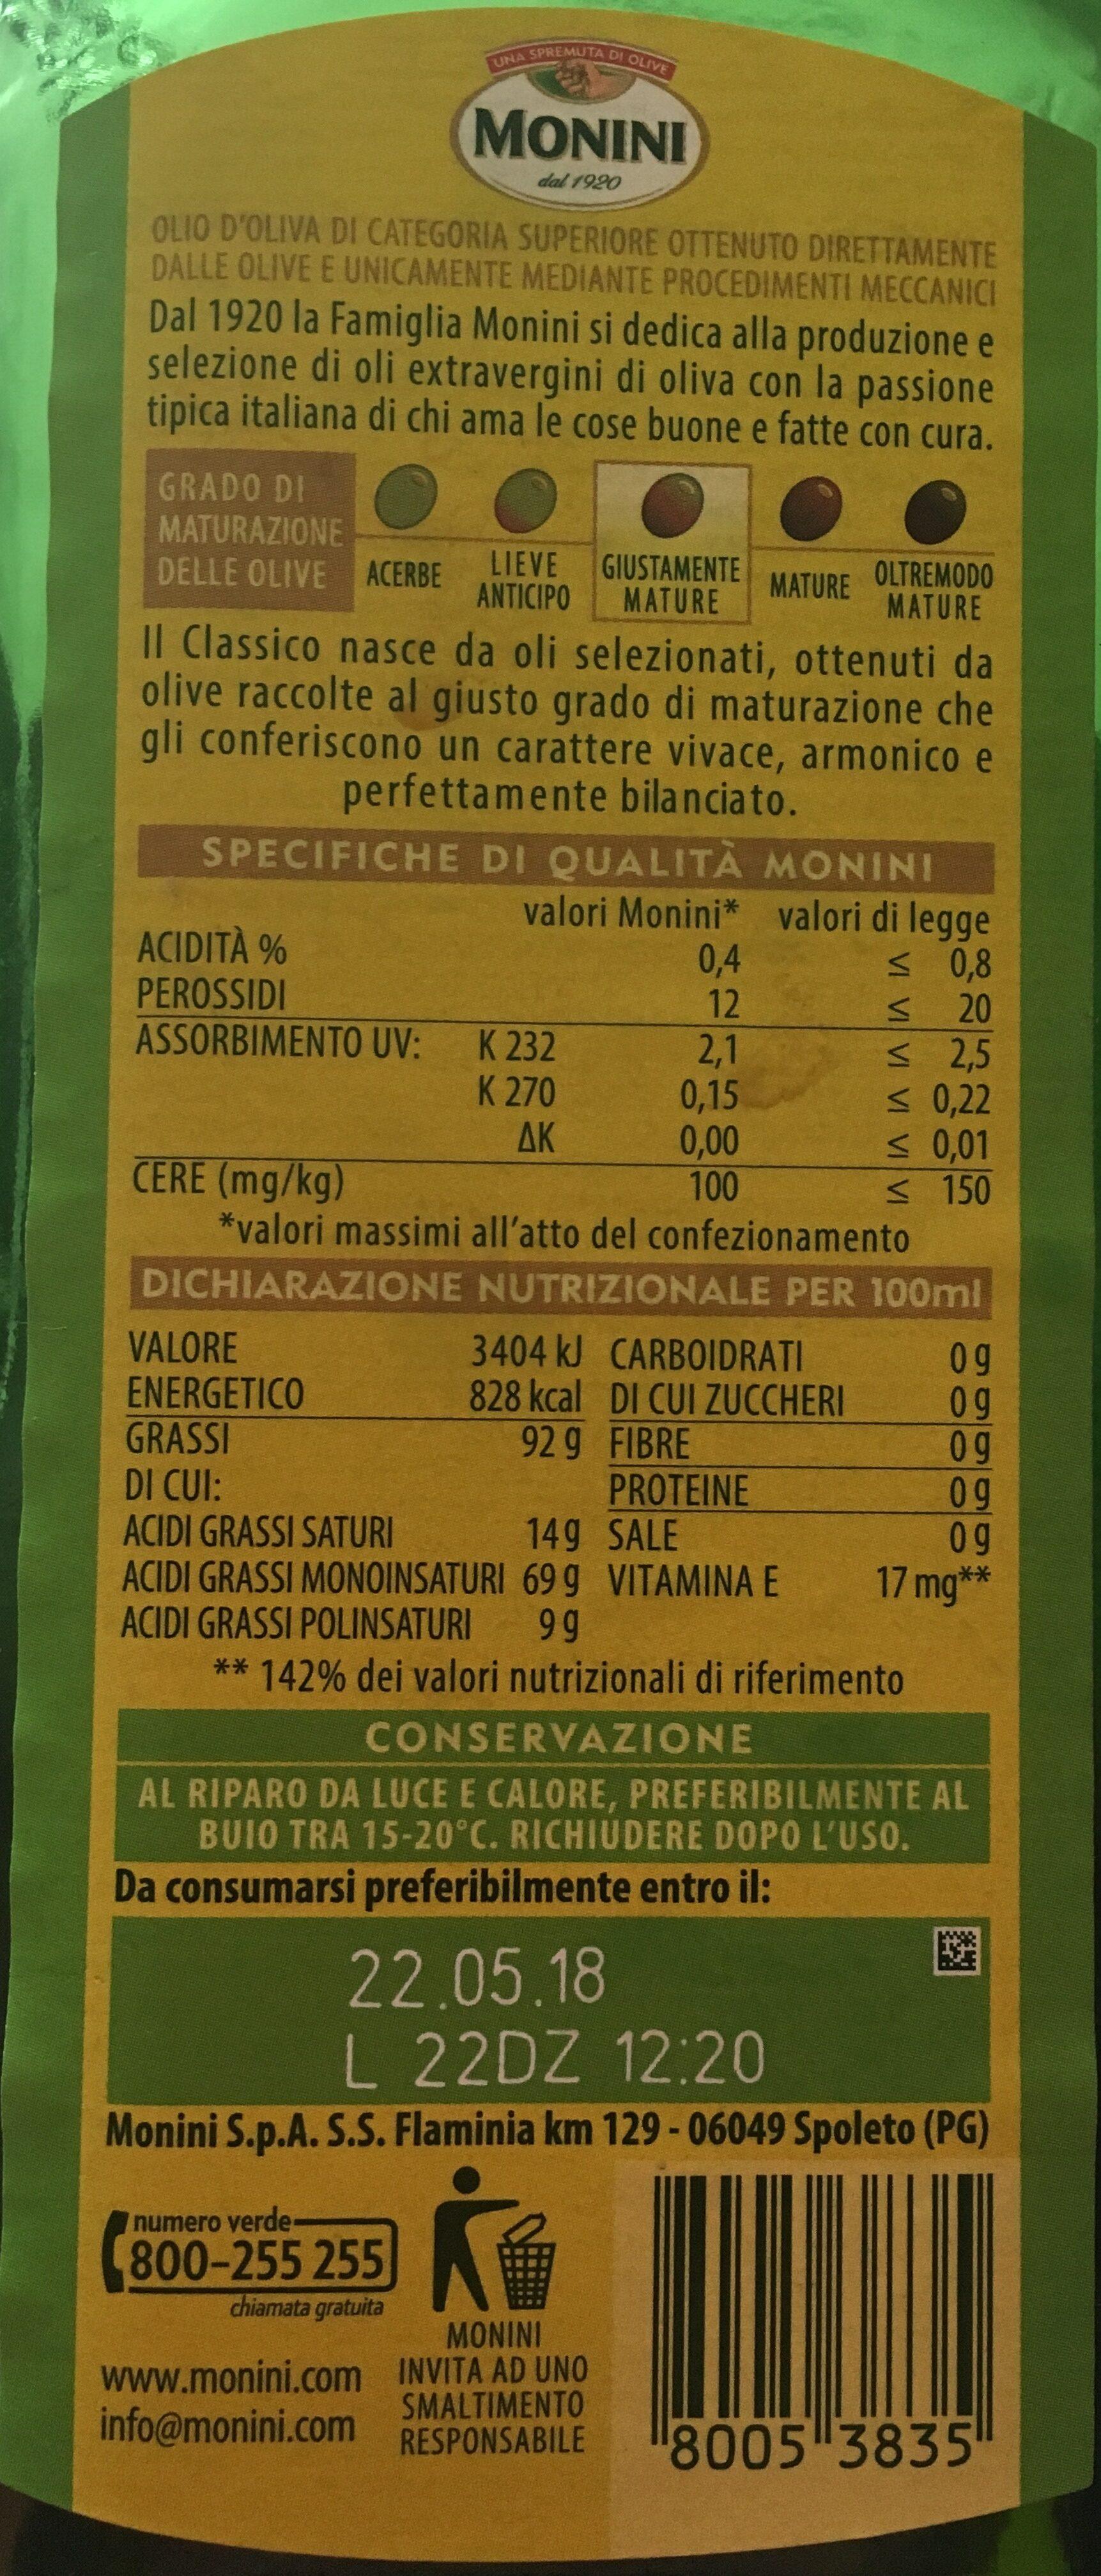 Monini Classico Olio Extra Vergine - Ingredienti - it